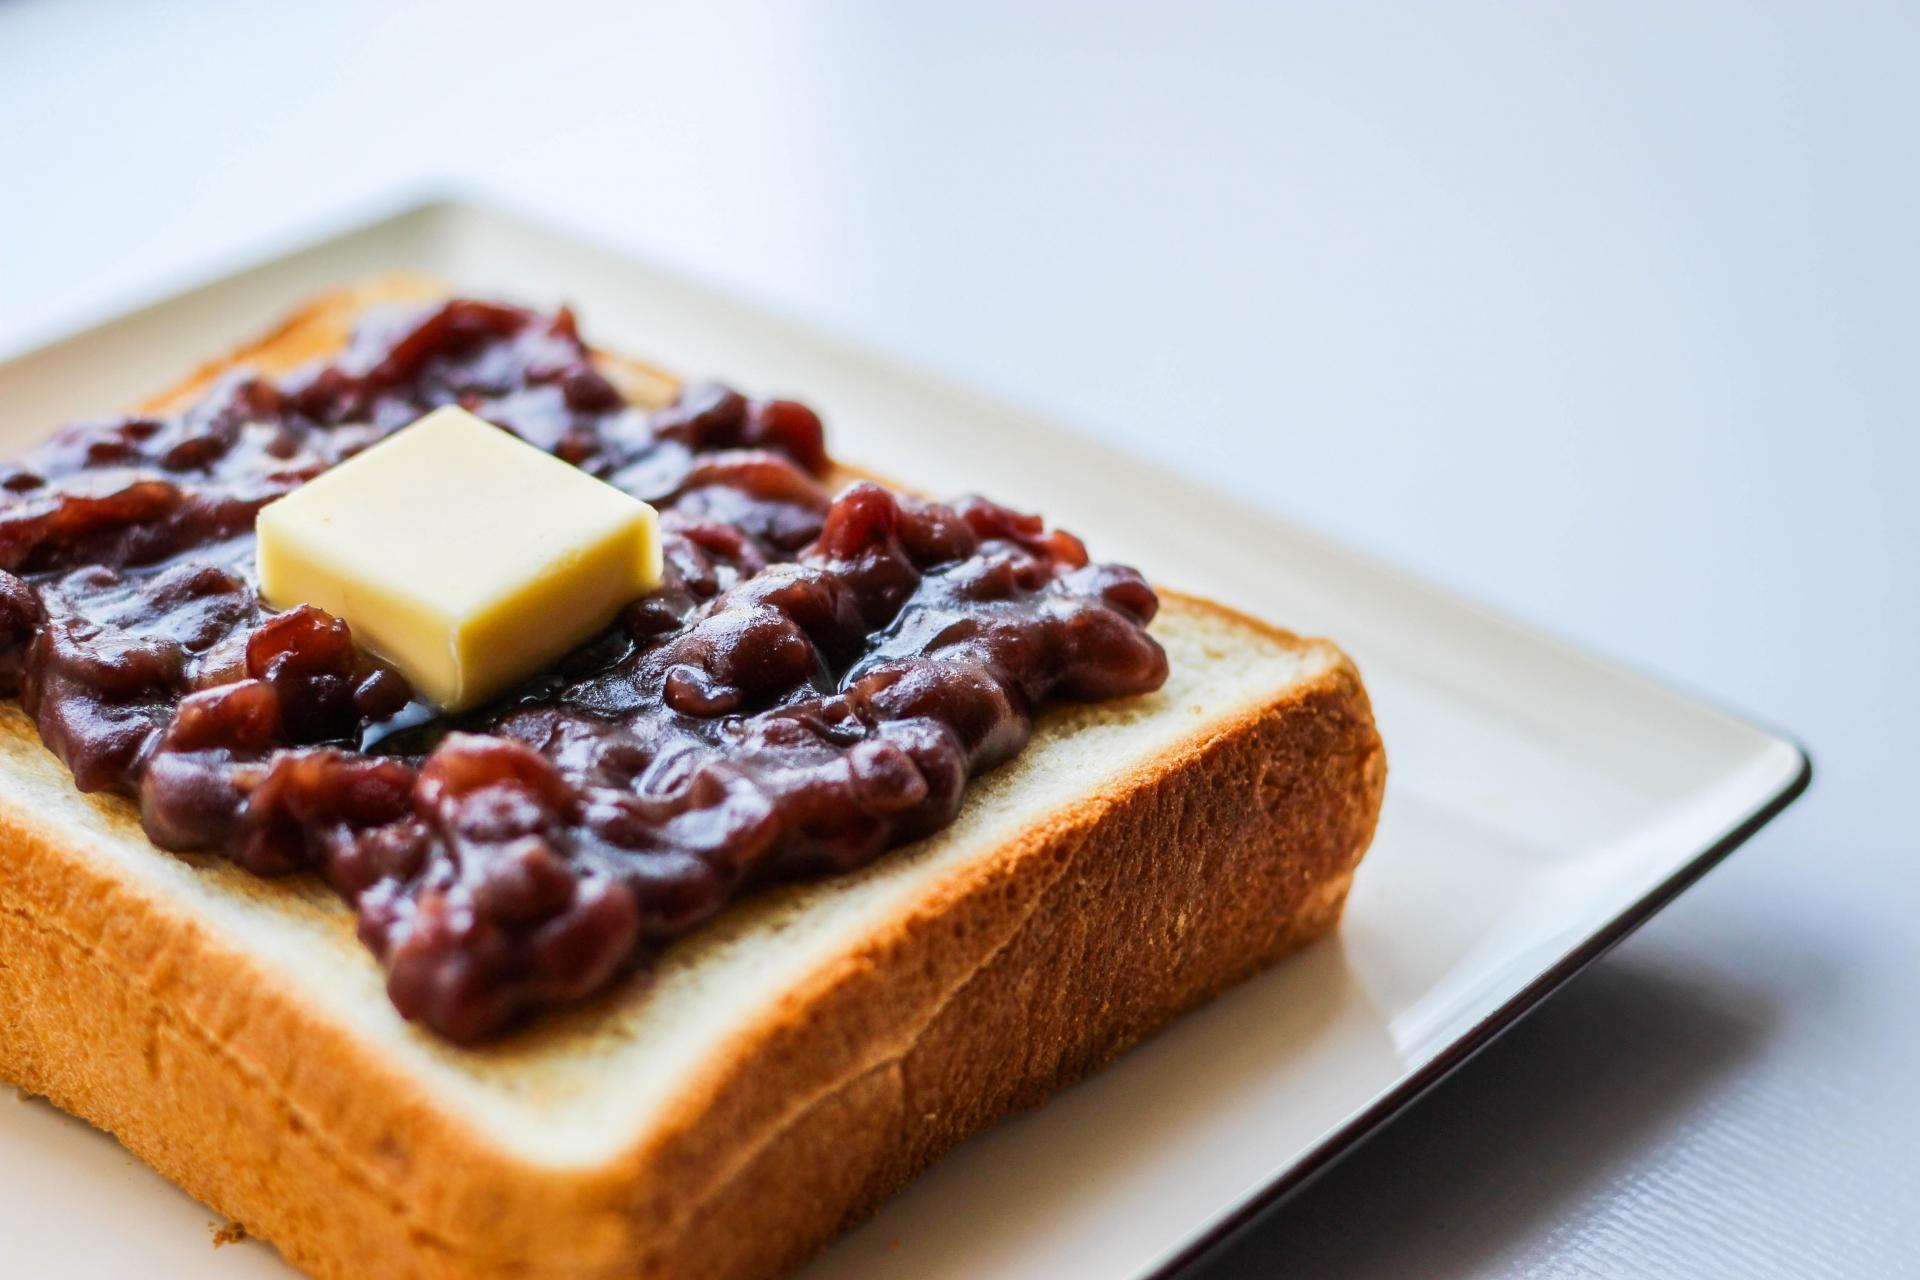 新しい定番名古屋土産!?「おにぎりせんべい」の小倉バター味が ...